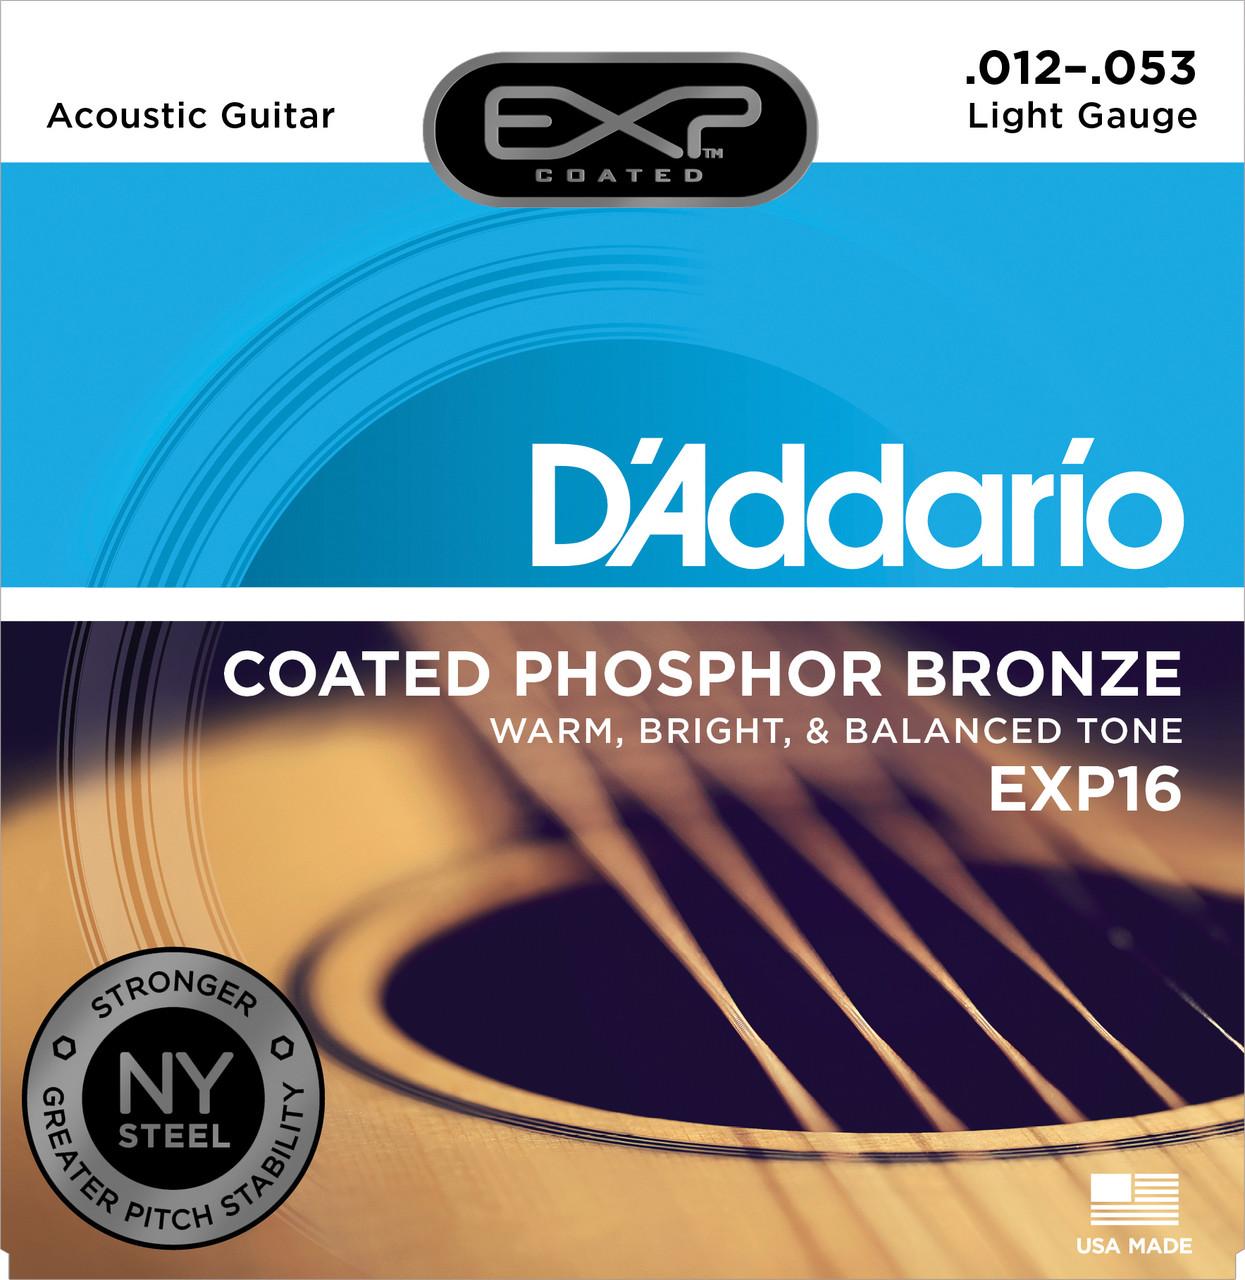 Струны для акустической гитары  Daddario EXP16